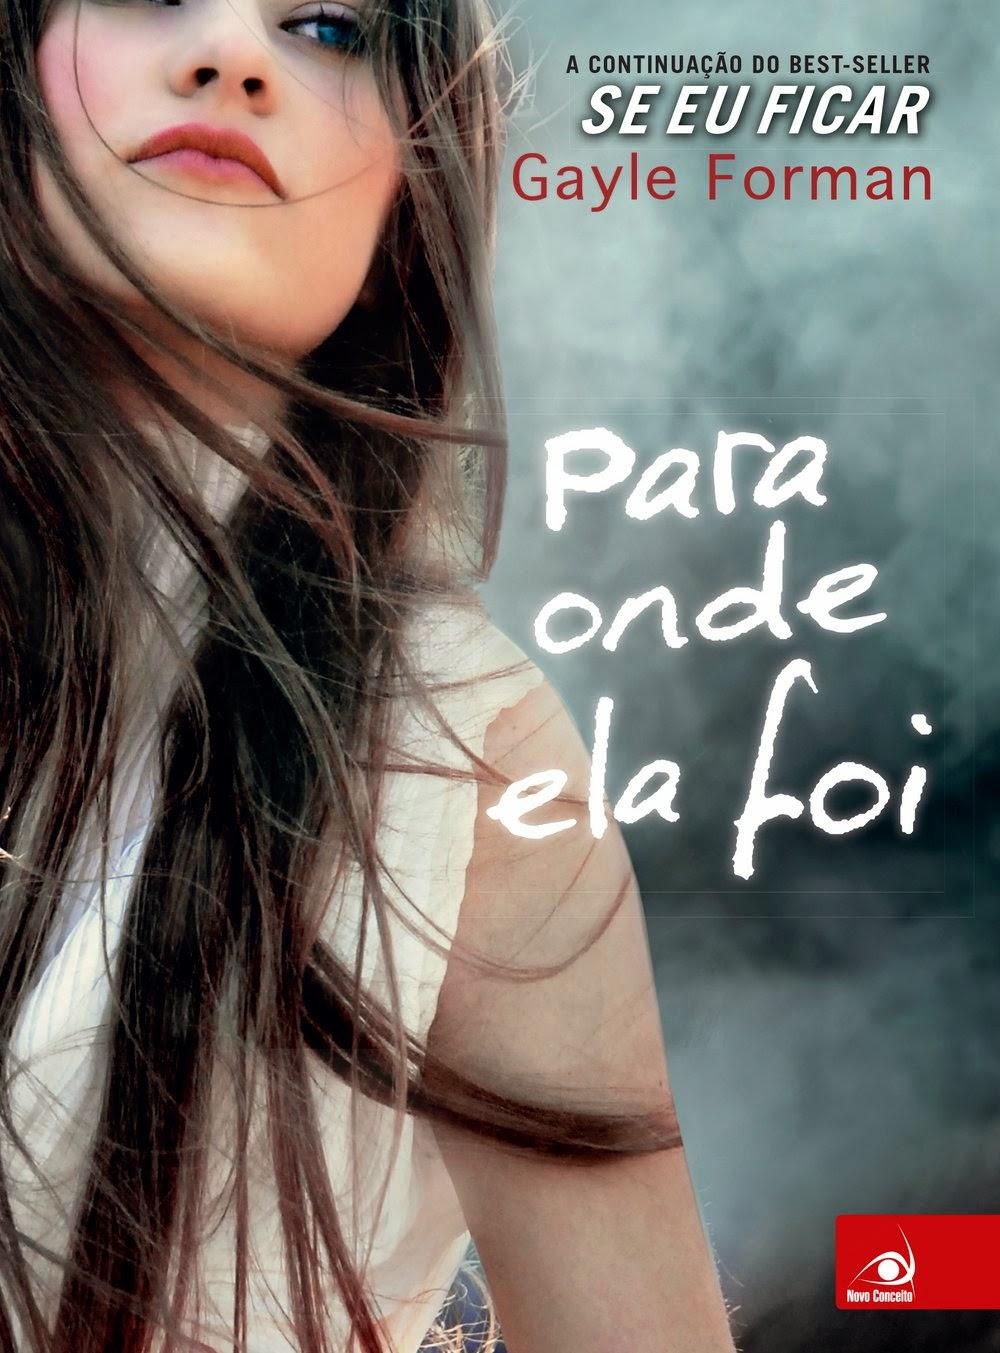 www.editoranovoconceito.com.br/livros/conta-download/640/